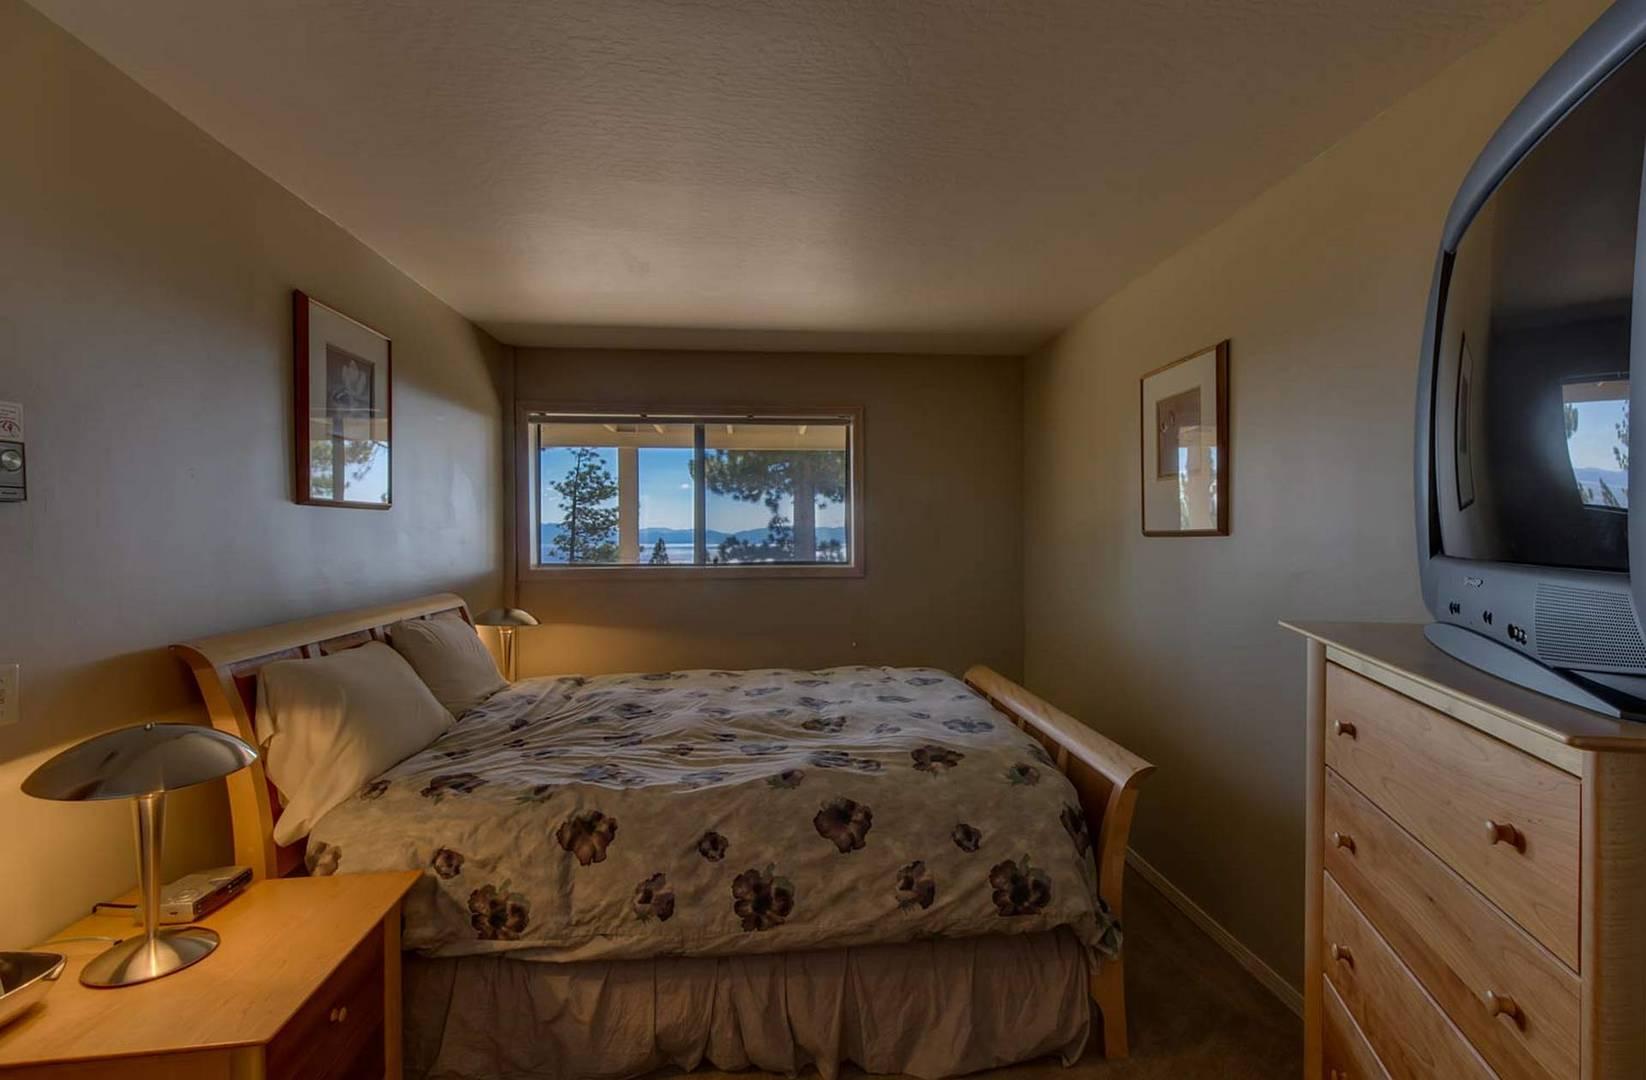 ivc0600 bedroom